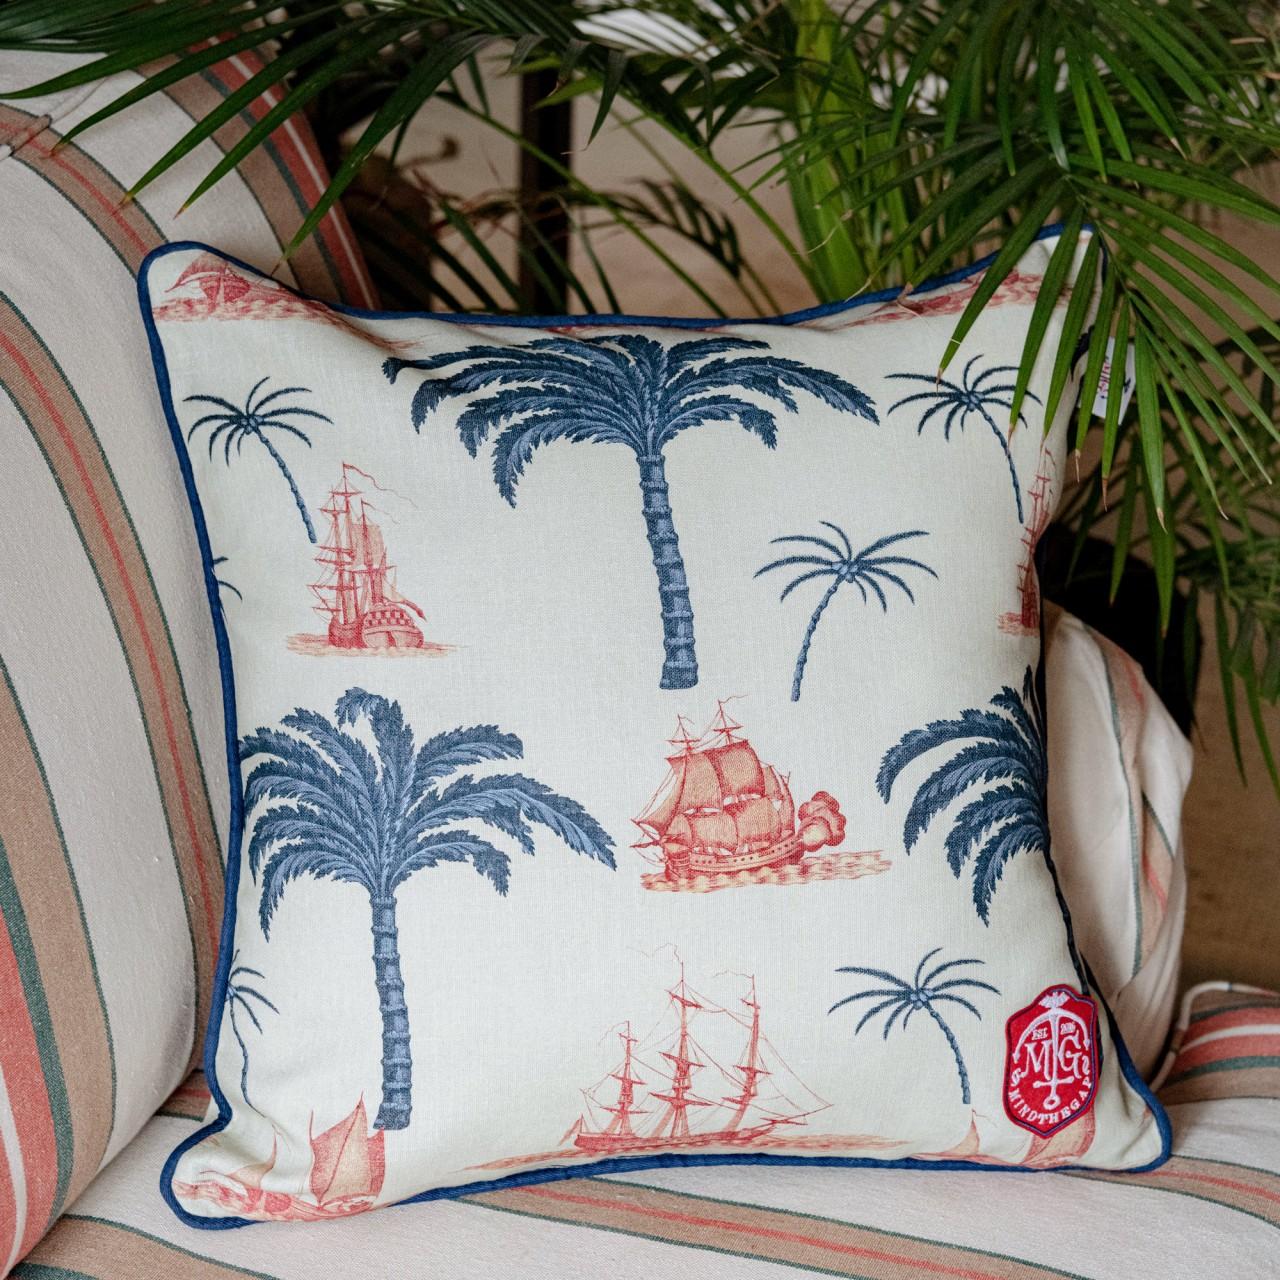 AEGEAN Outdoor Cushion